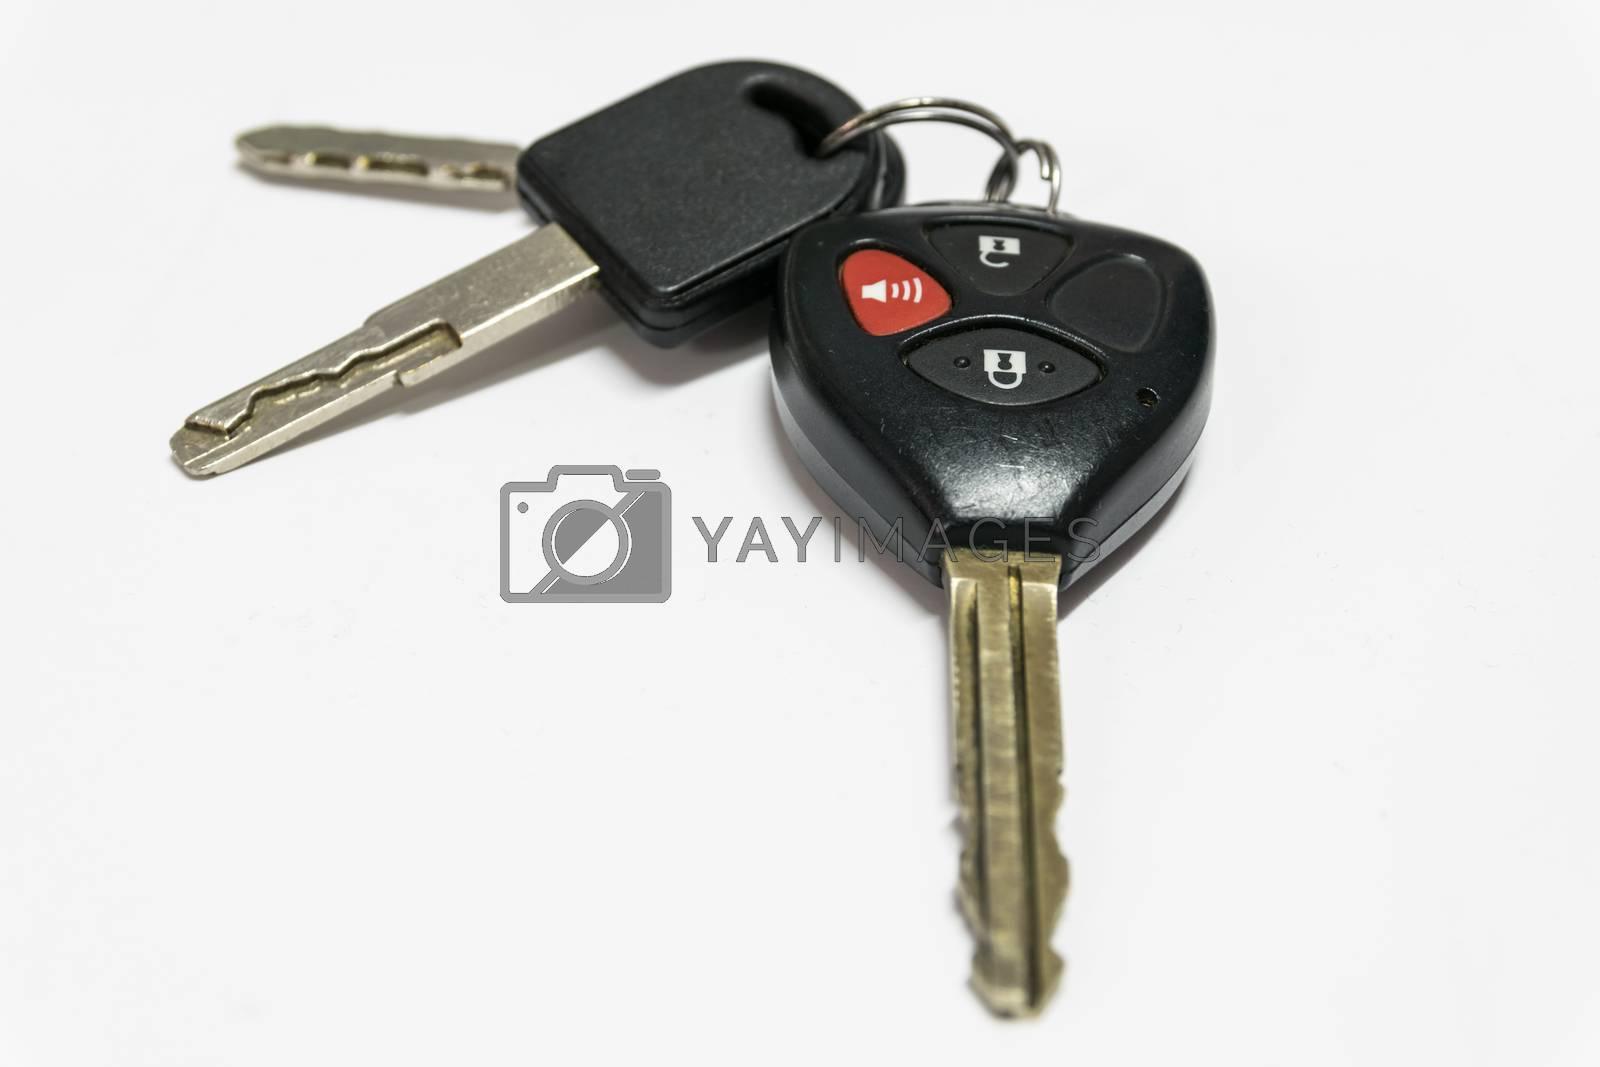 Car keys with remote control. by wattanaphob